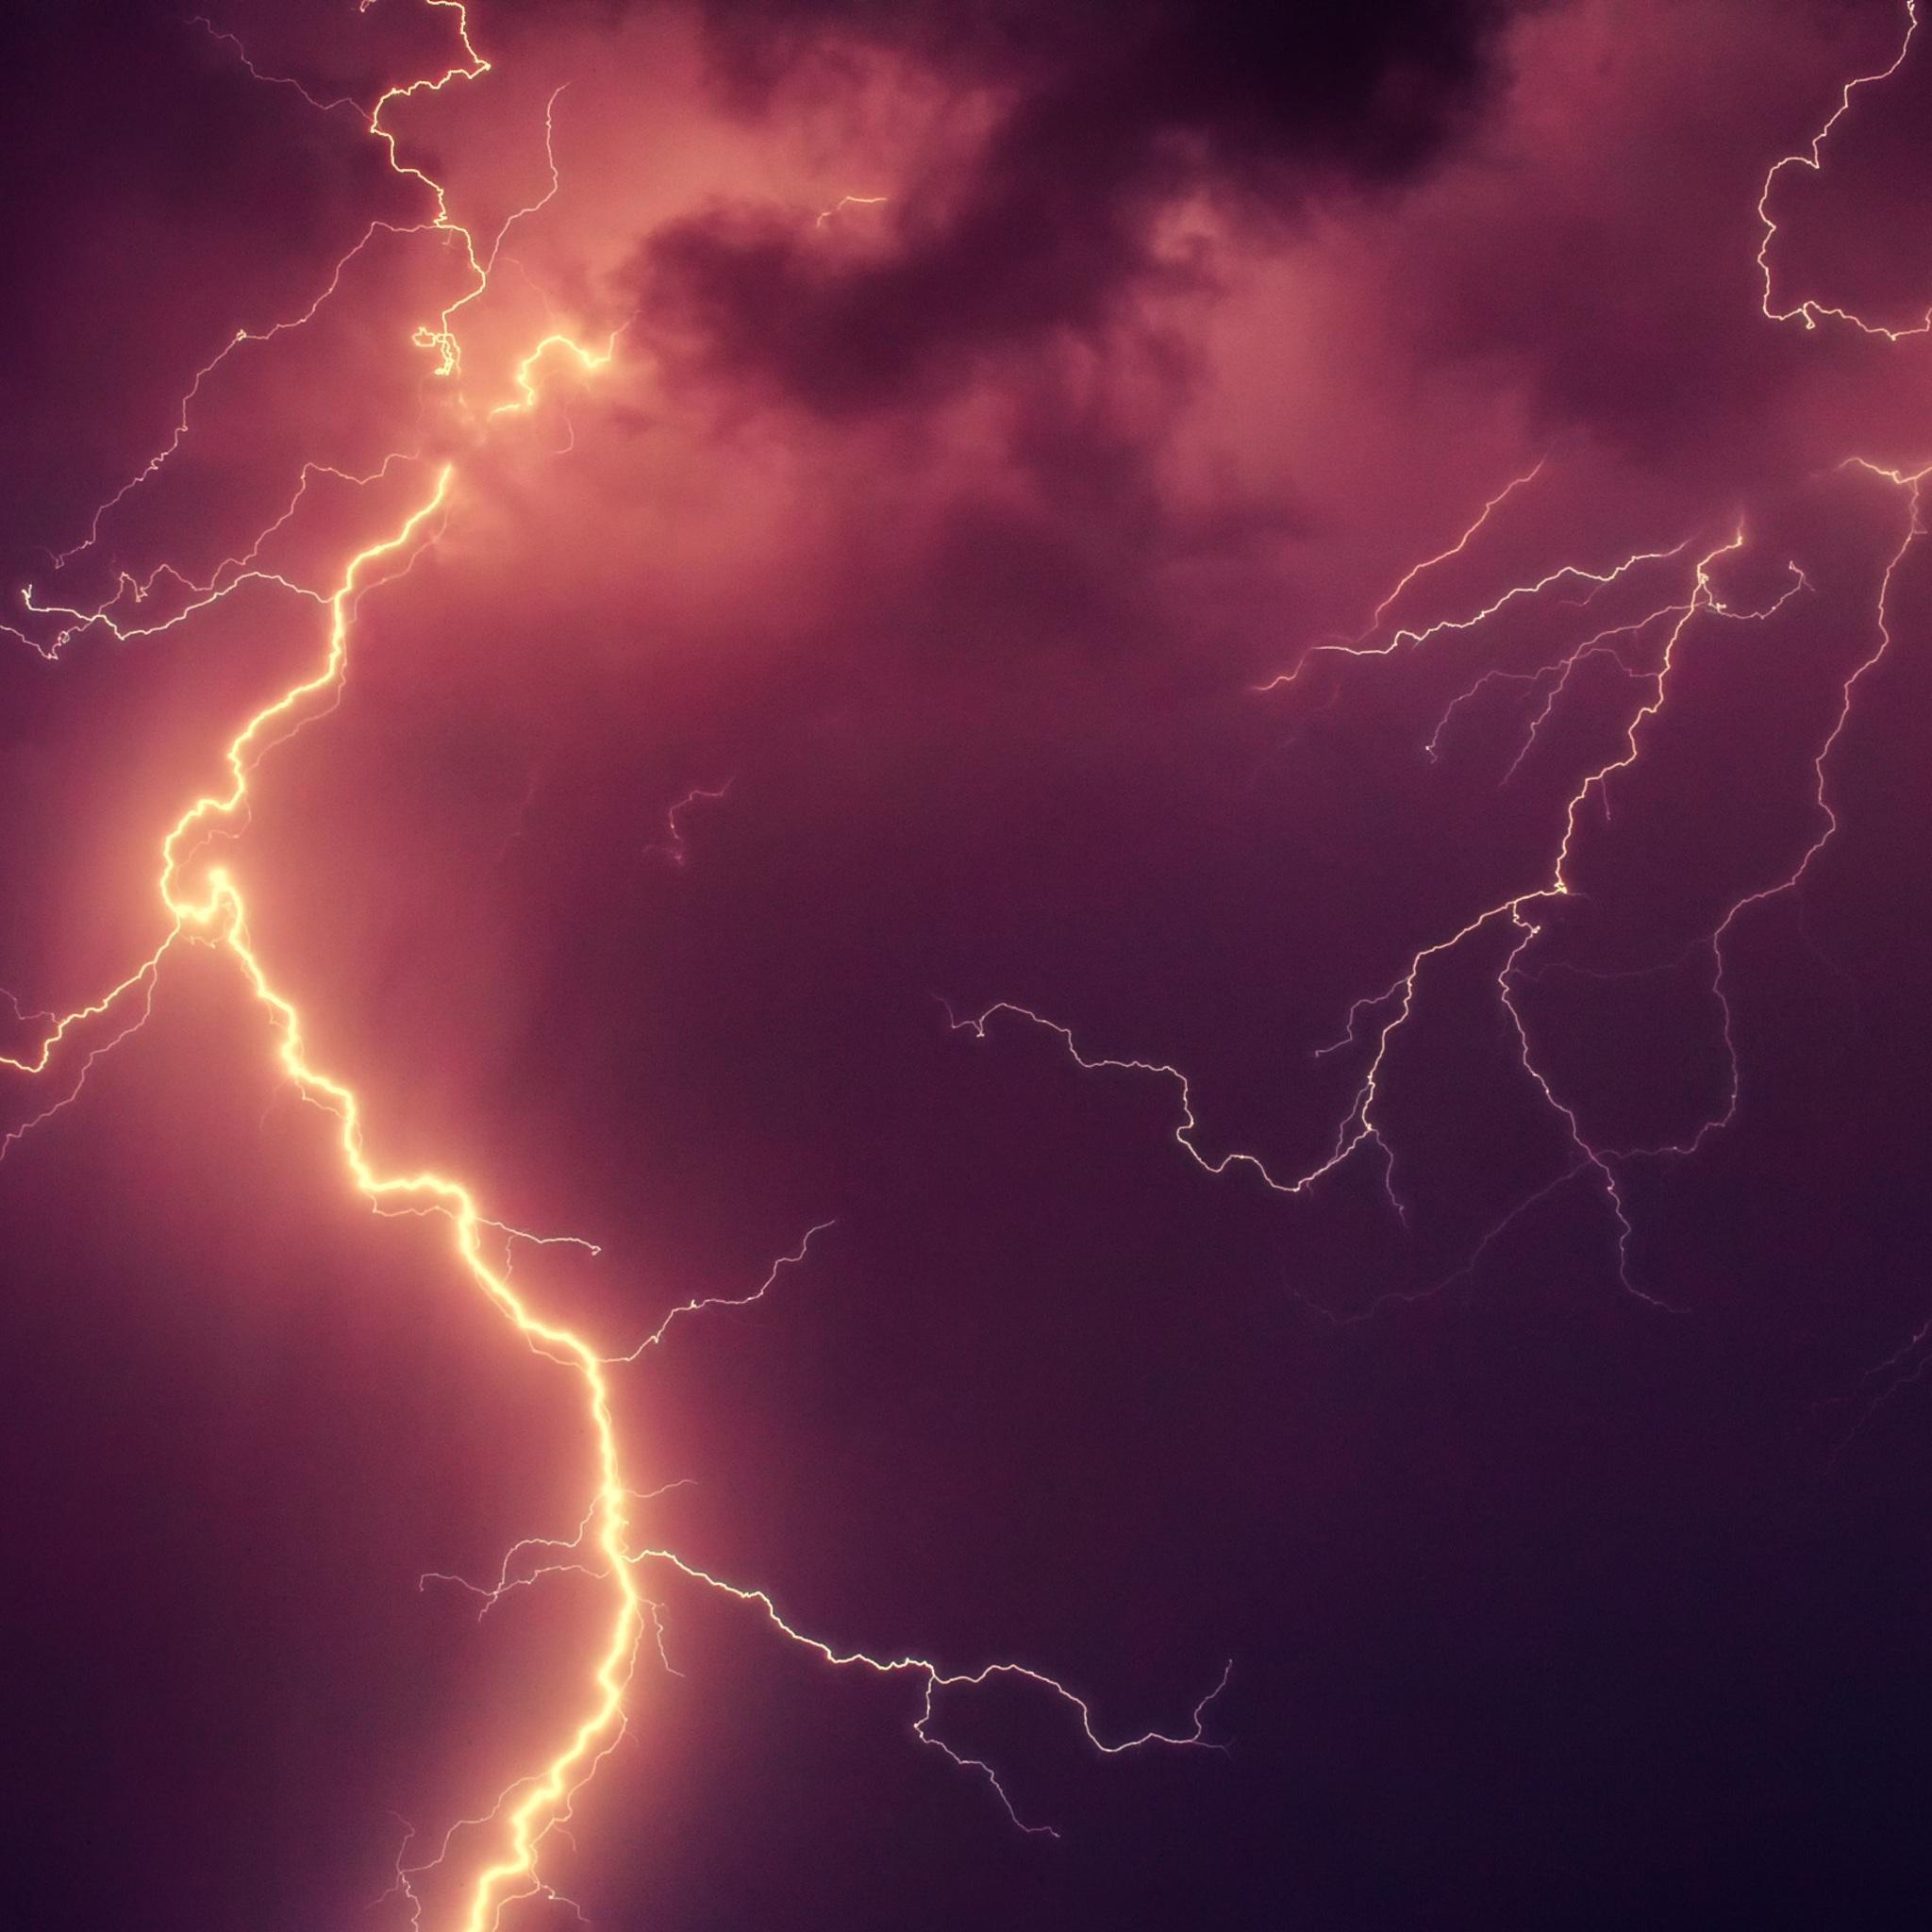 thunderstorm-lightning-strike-kn.jpg